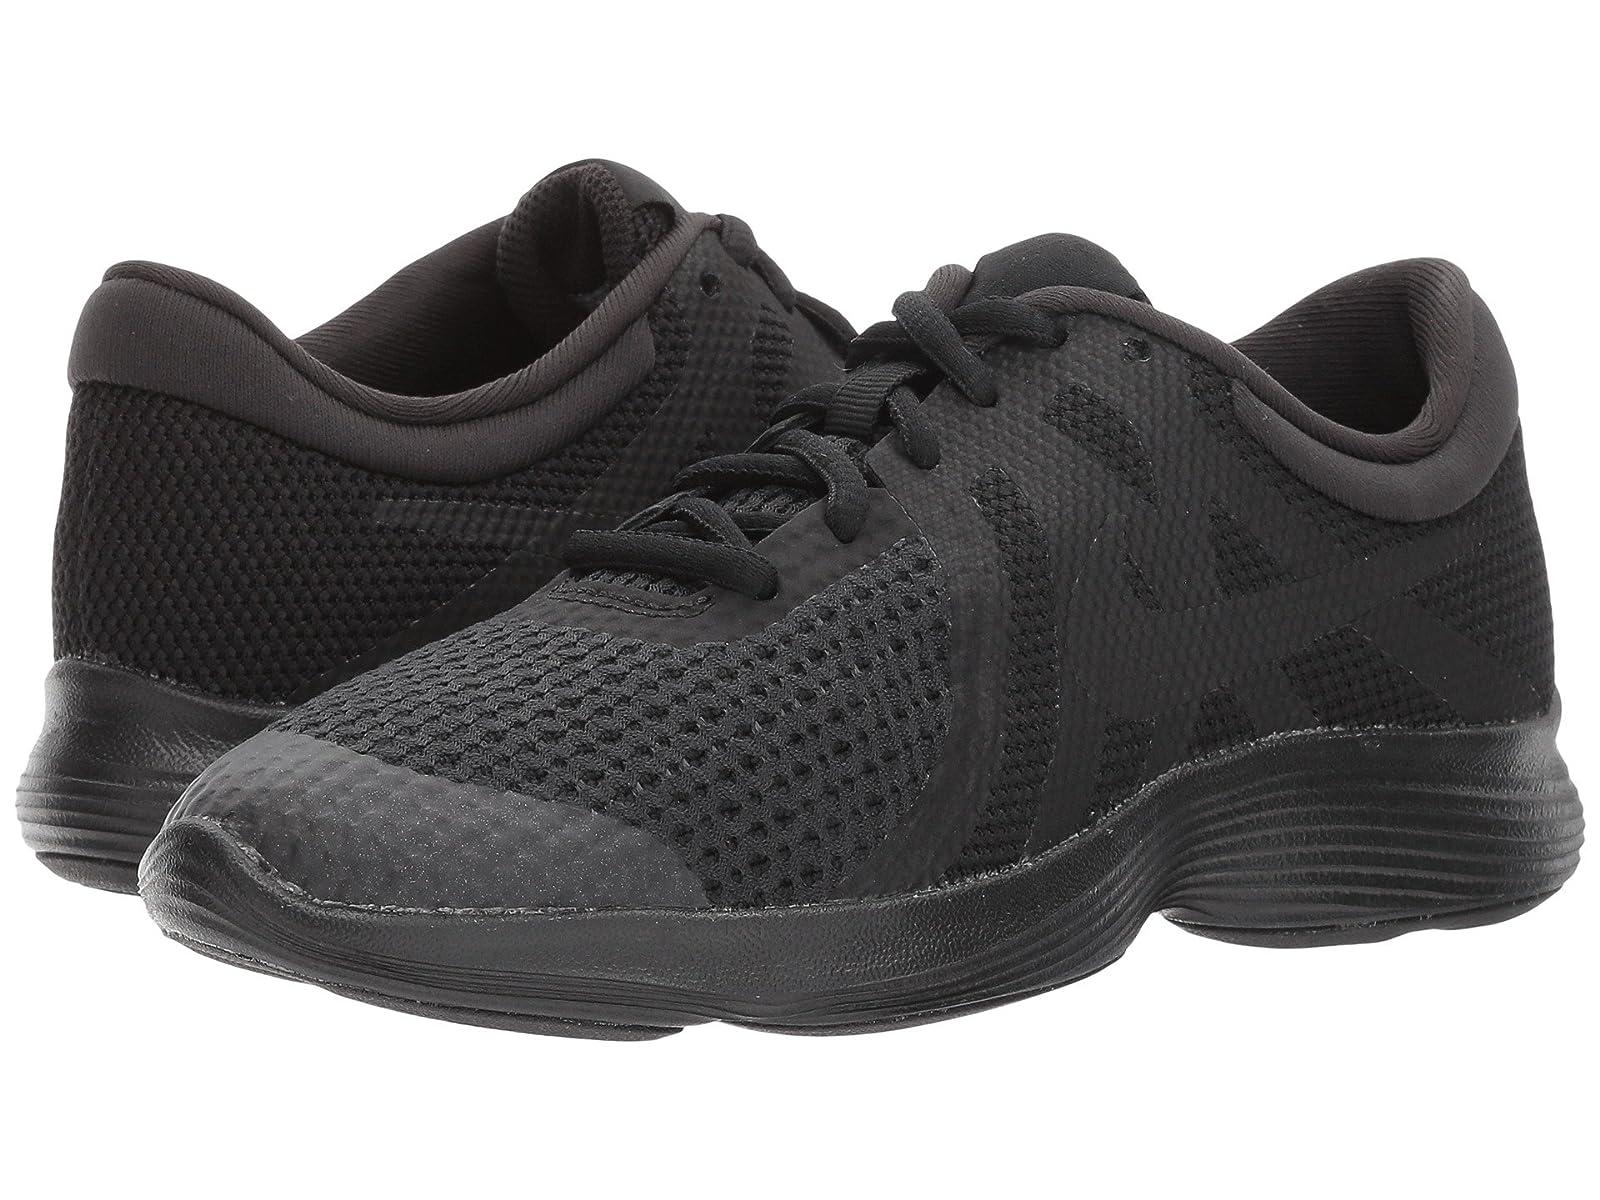 Nike Kids Revolution 4 (Big Kid)Atmospheric grades have affordable shoes